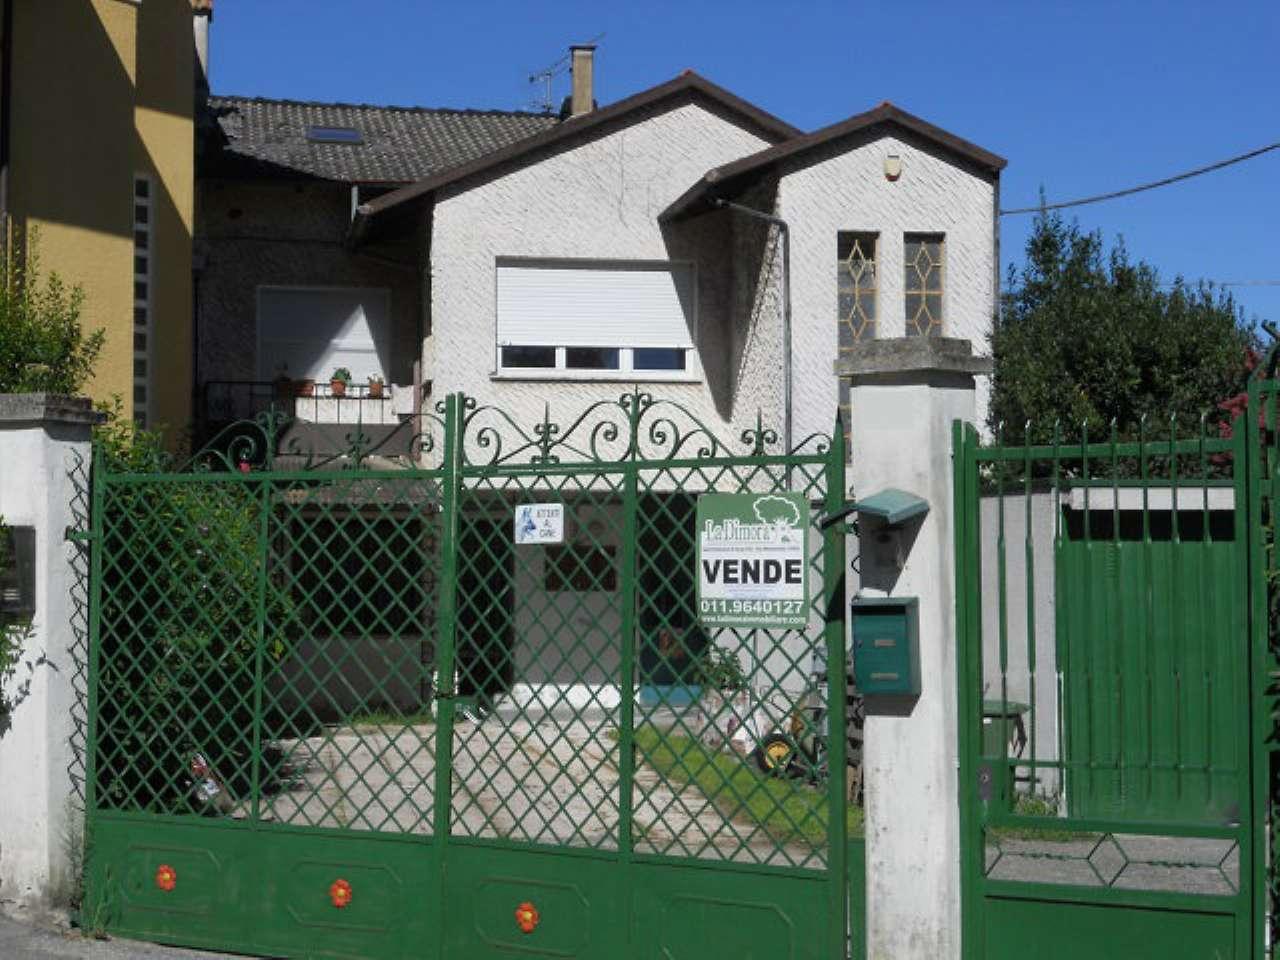 Laboratorio in vendita a Vaie, 4 locali, prezzo € 48.000 | CambioCasa.it